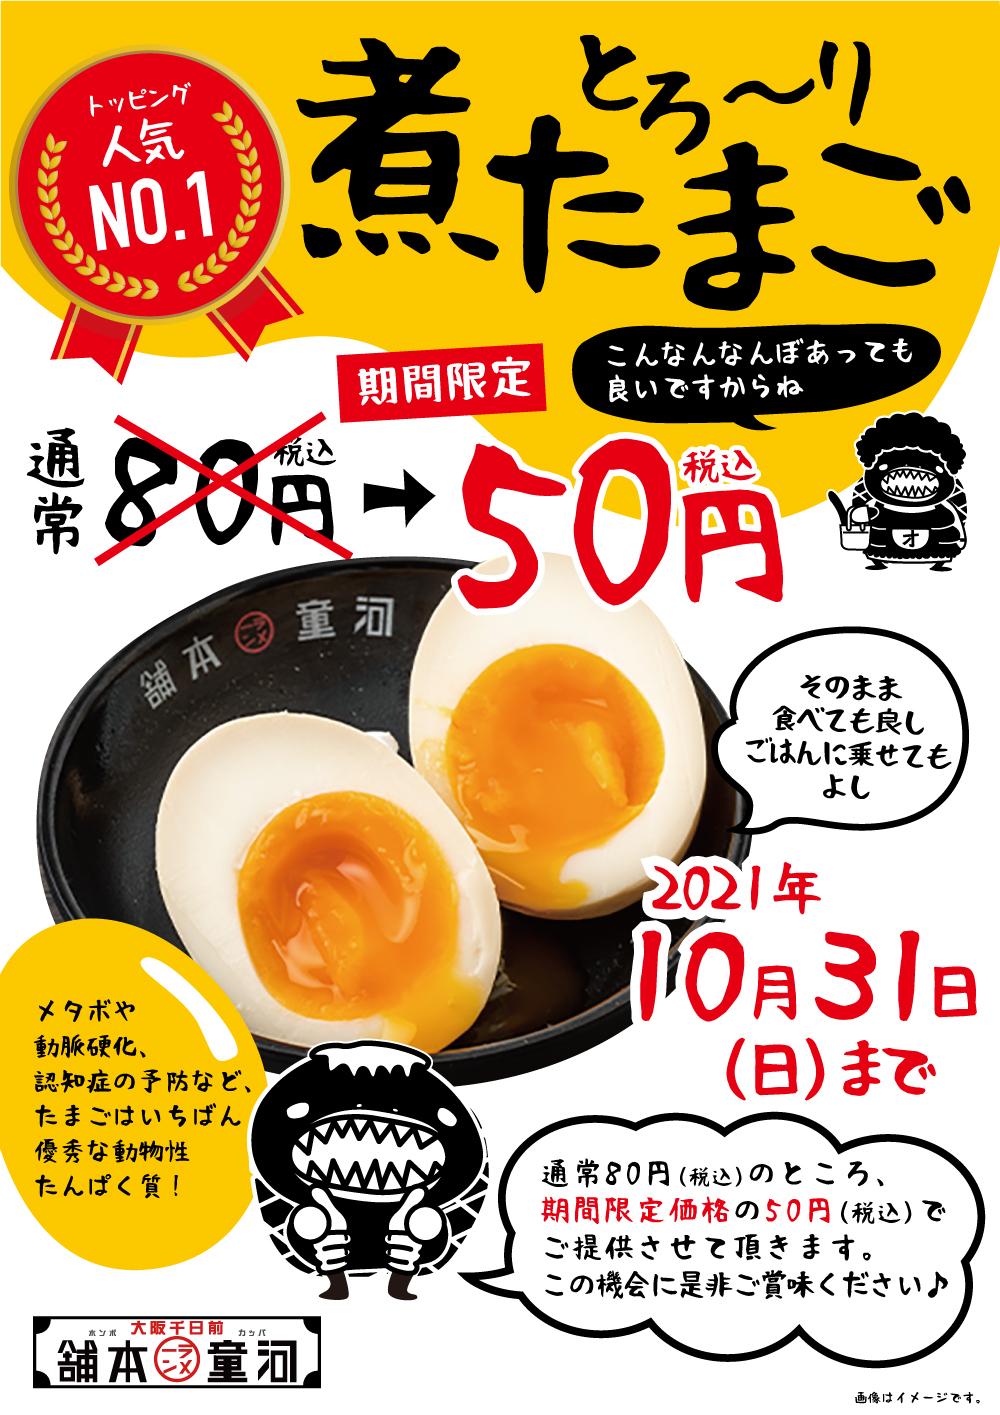 【10月は煮玉子がお得!】 煮玉子50円キャンペーンの画像